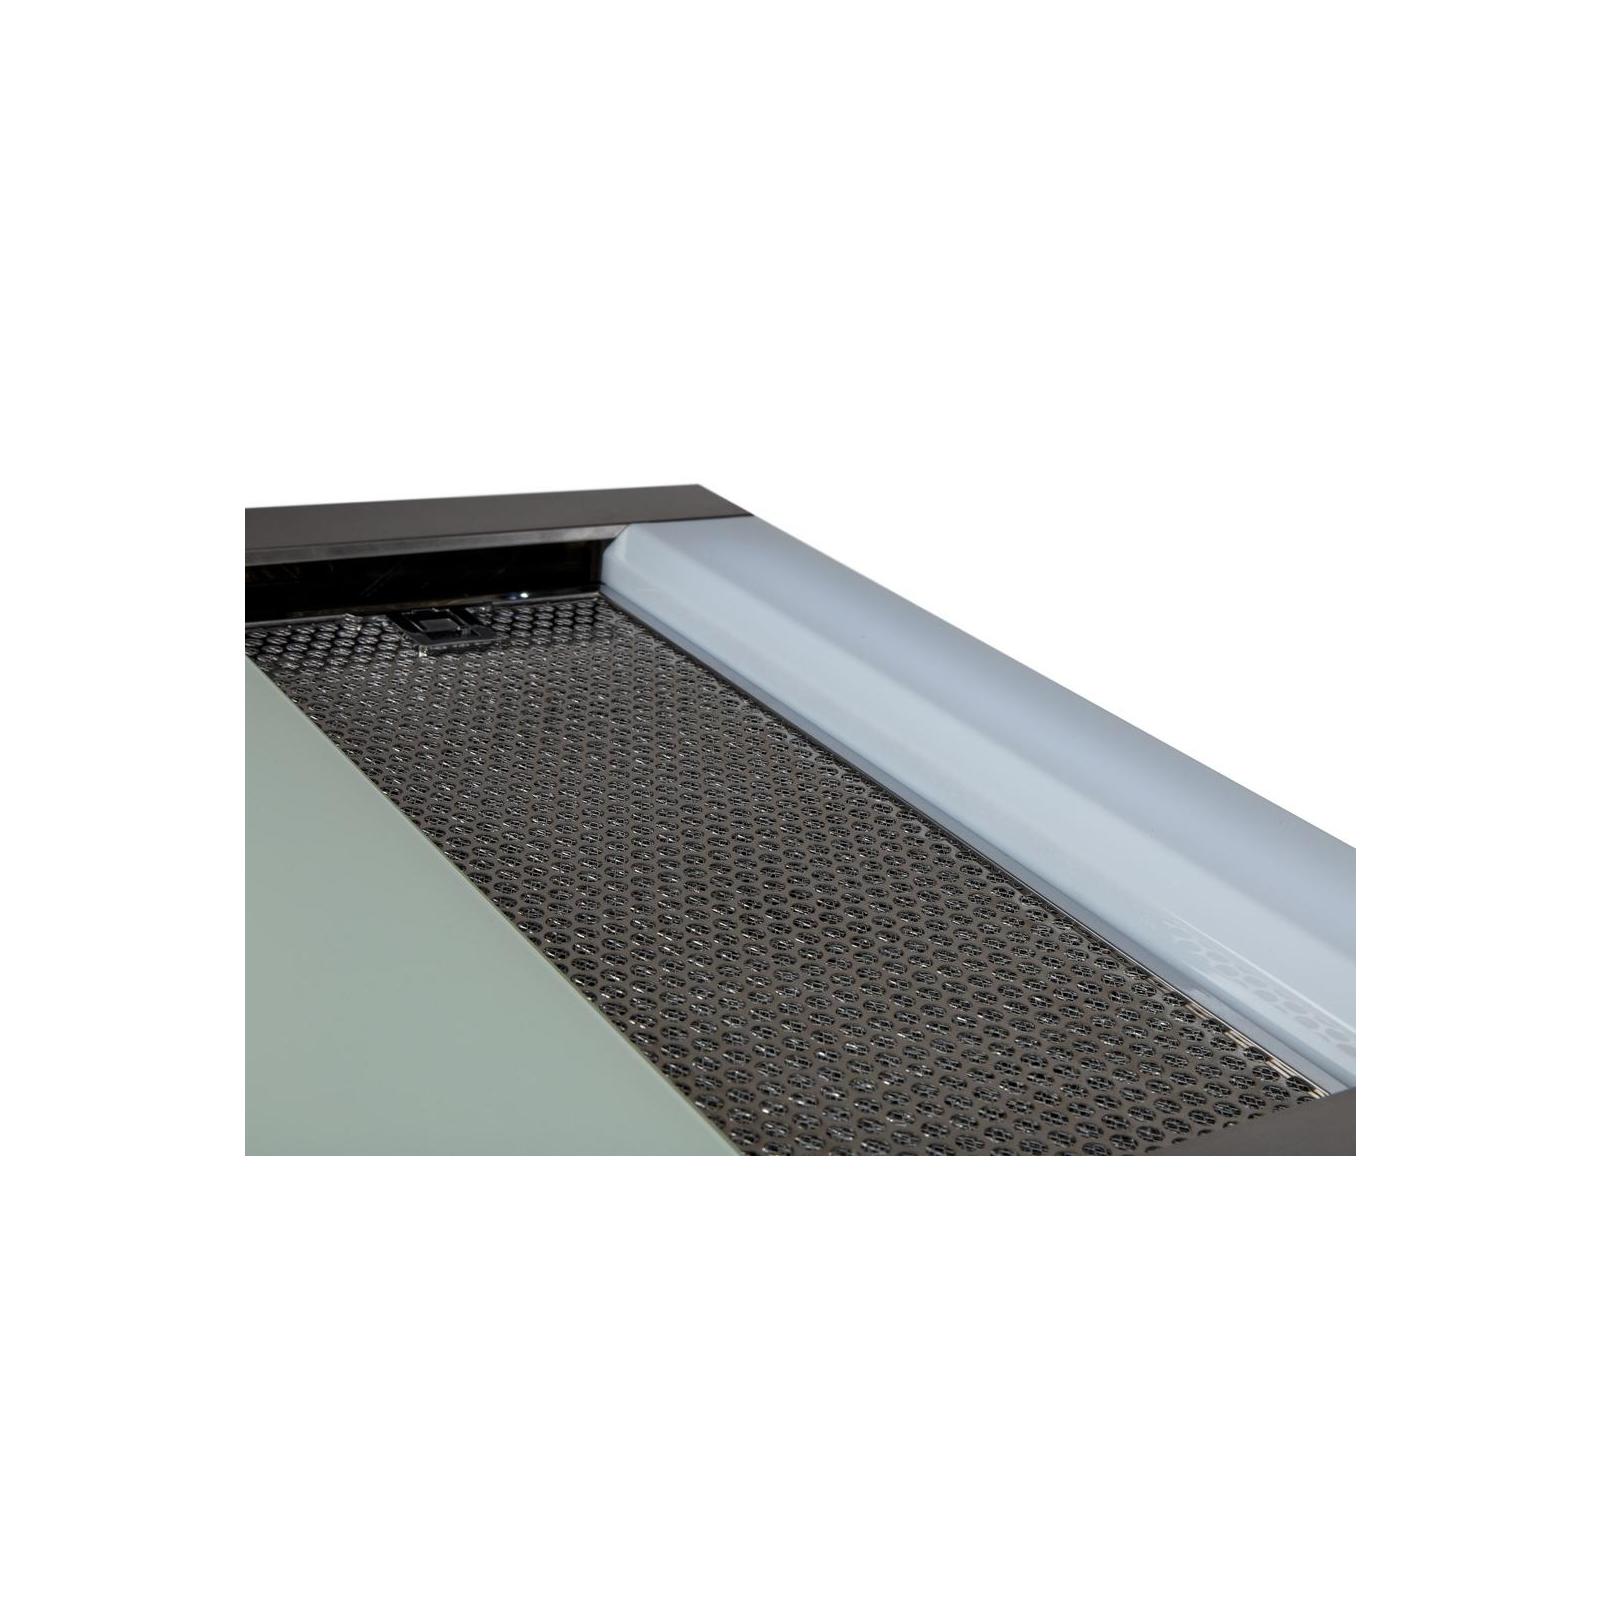 Вытяжка кухонная GUNTER&HAUER AGNA 600 GL изображение 7